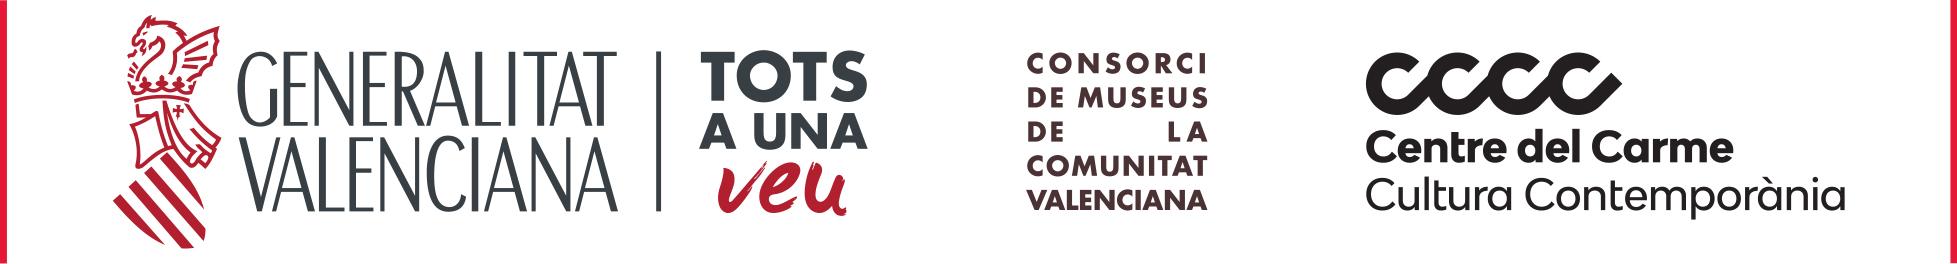 LOGOS CONSORCIO